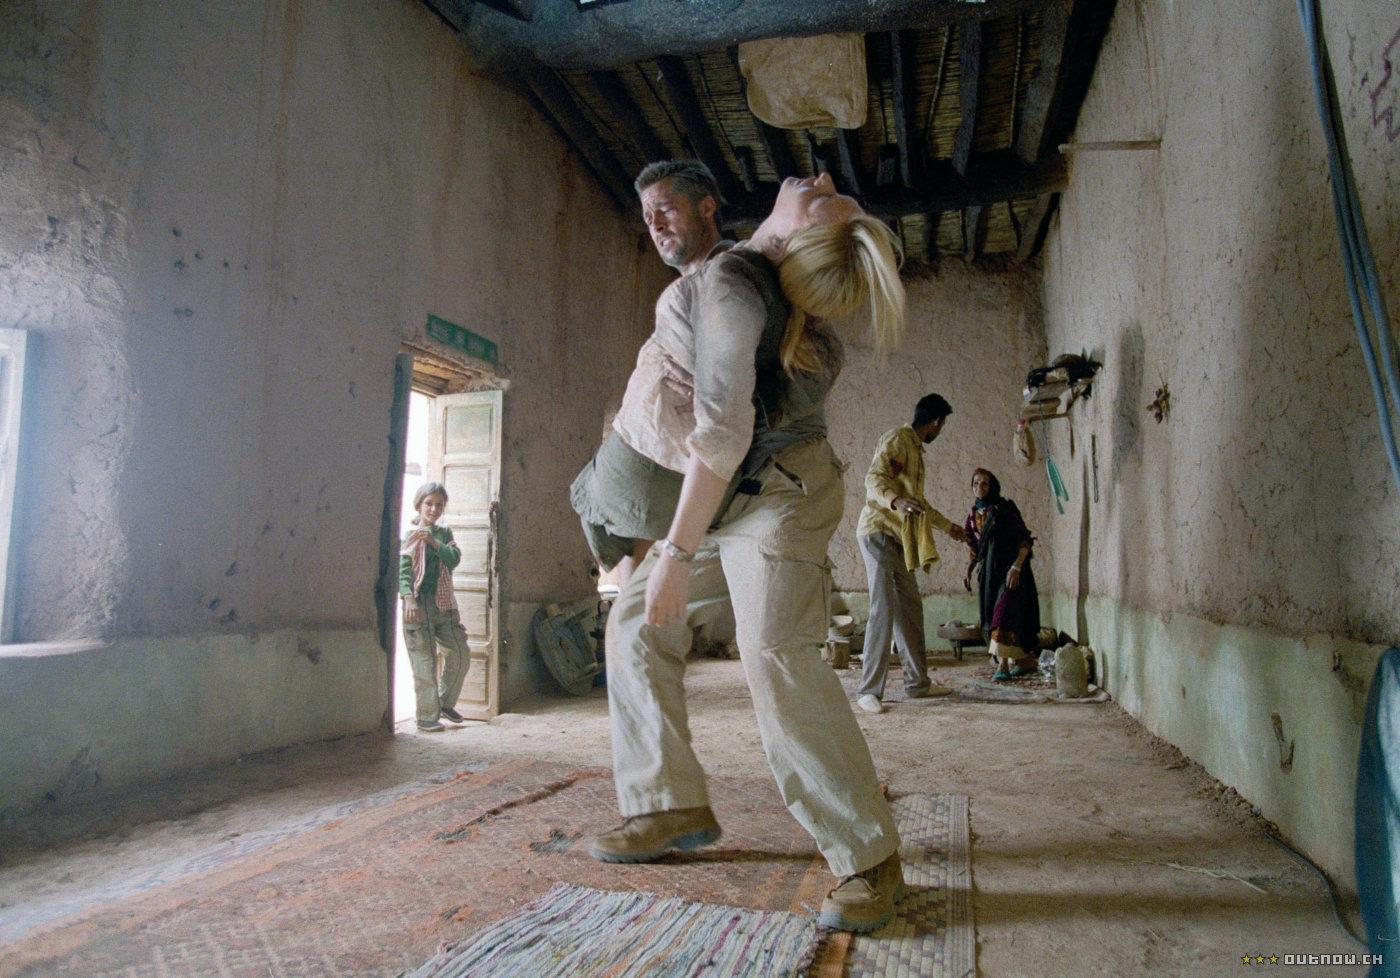 кадры из фильма Вавилон Кейт Бланшетт, Брэд Питт,